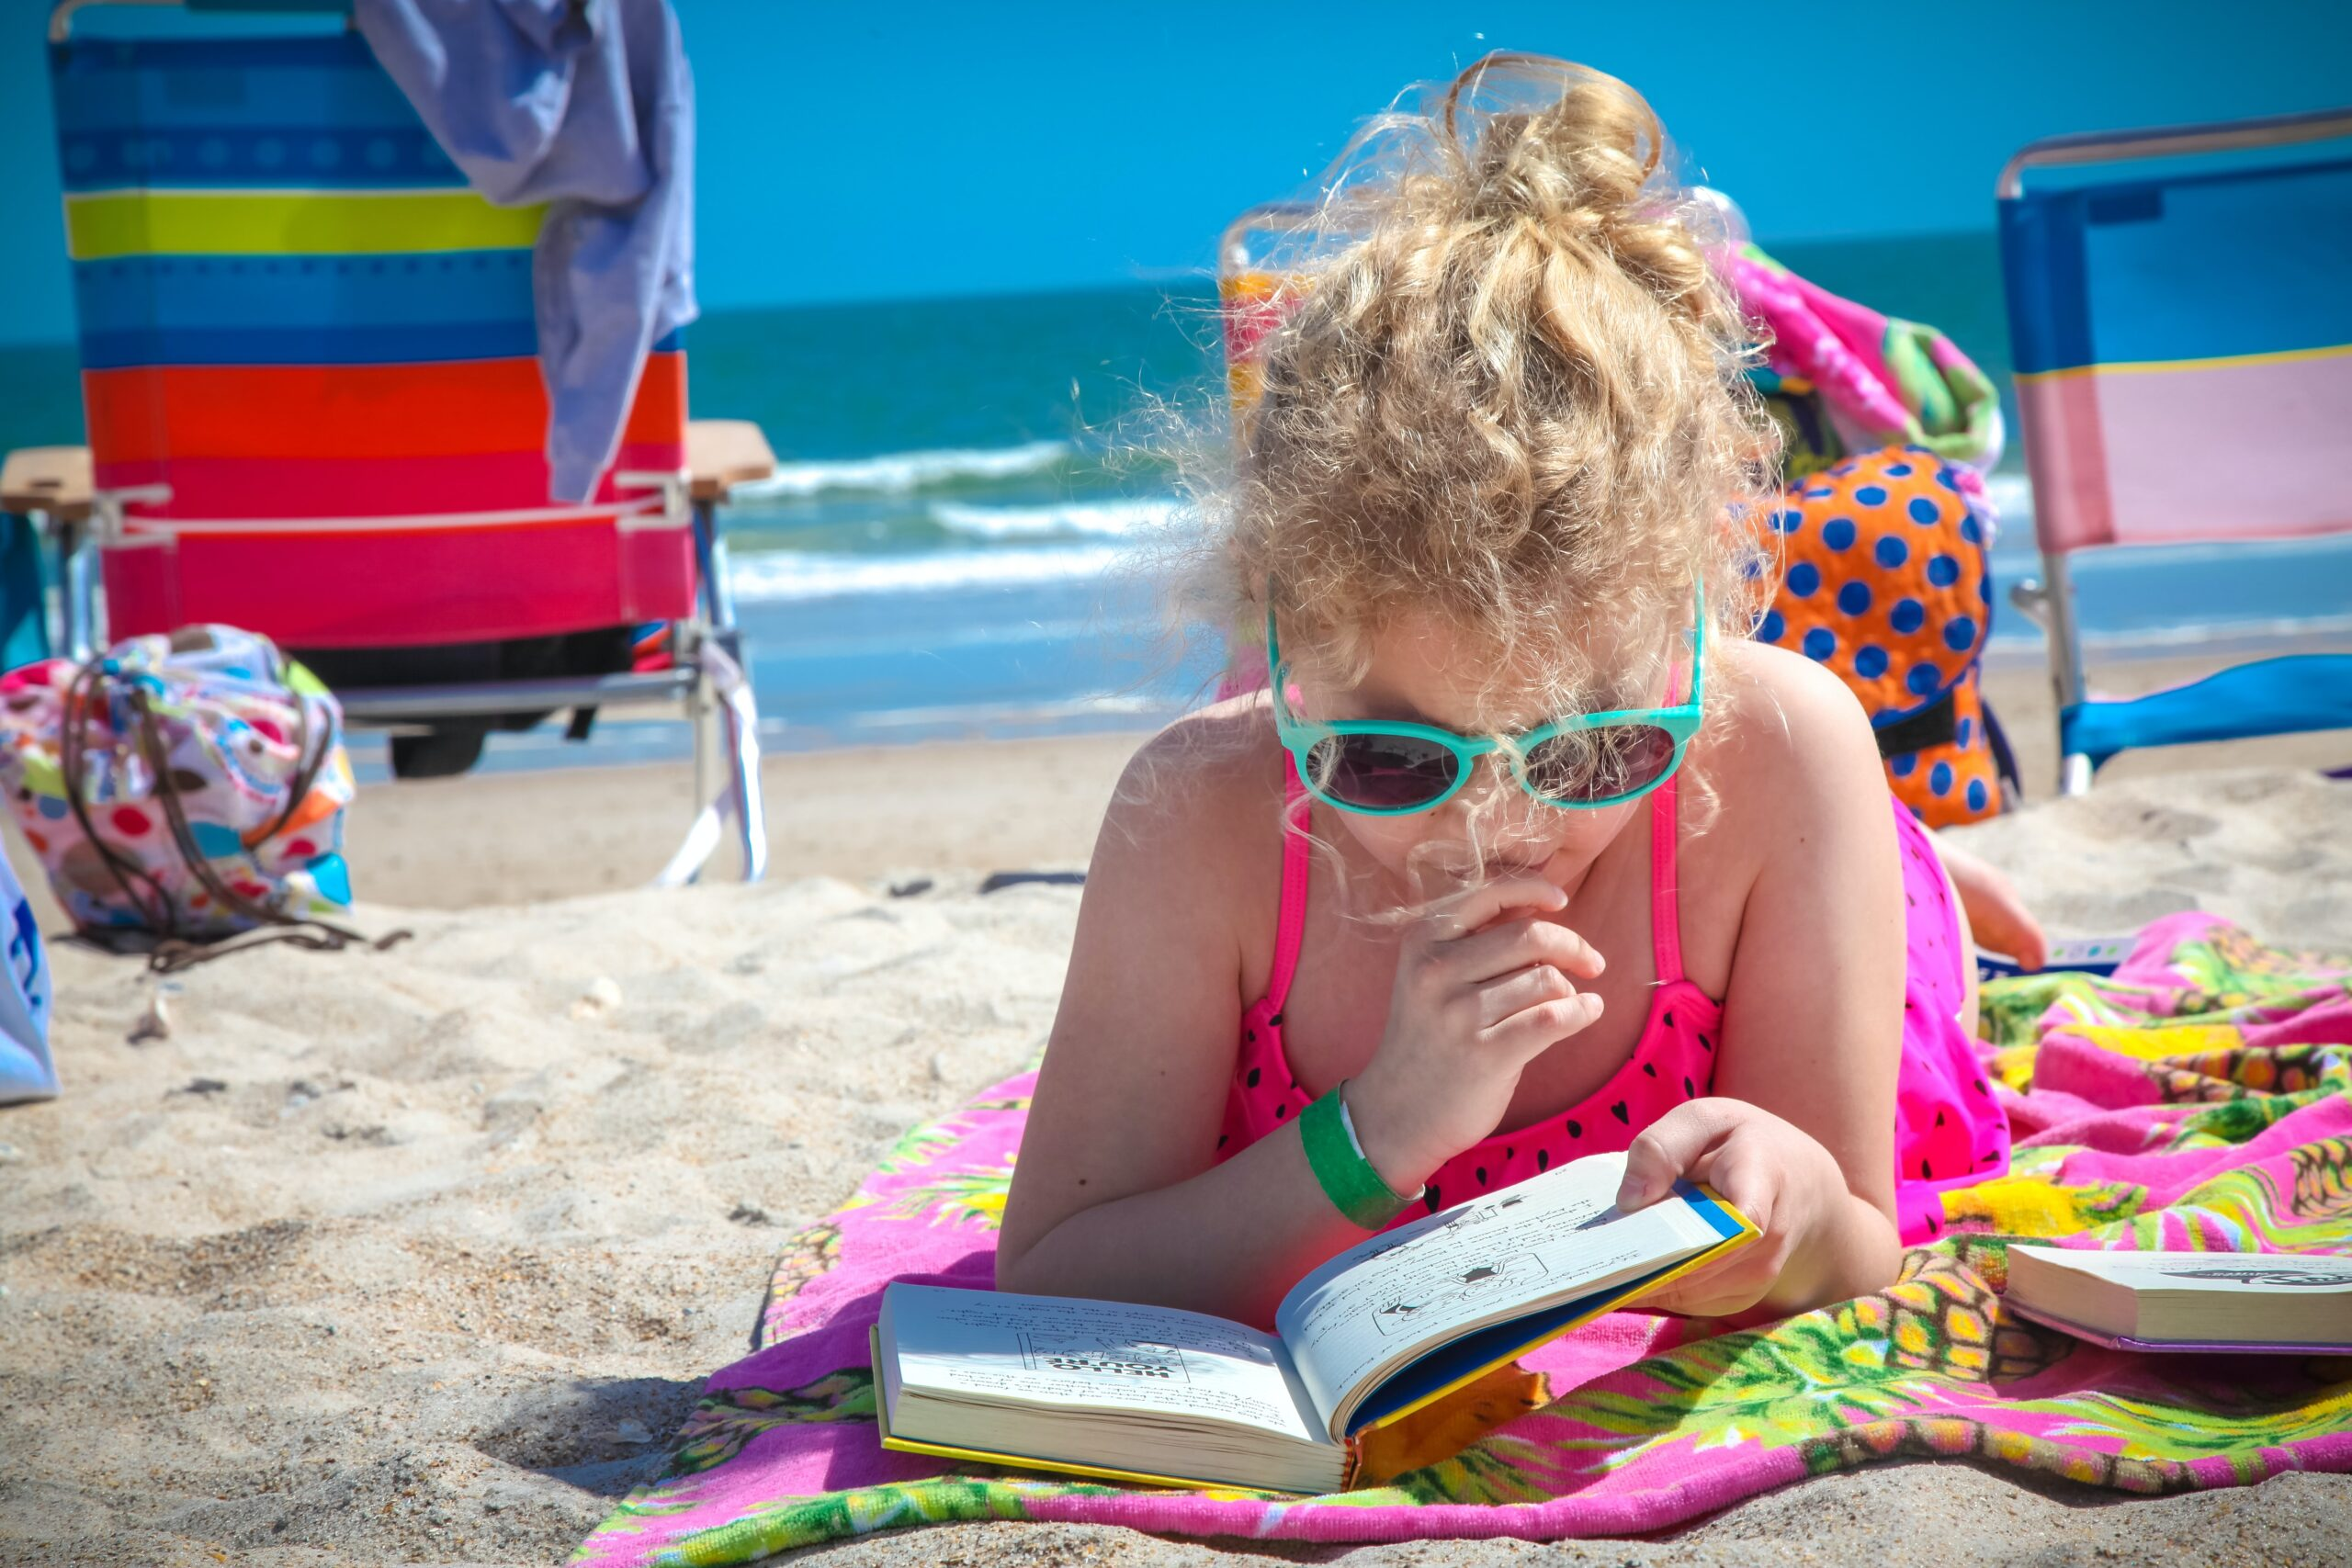 Топ 6 способов развлечь ребенка летом и остаться в здравом уме